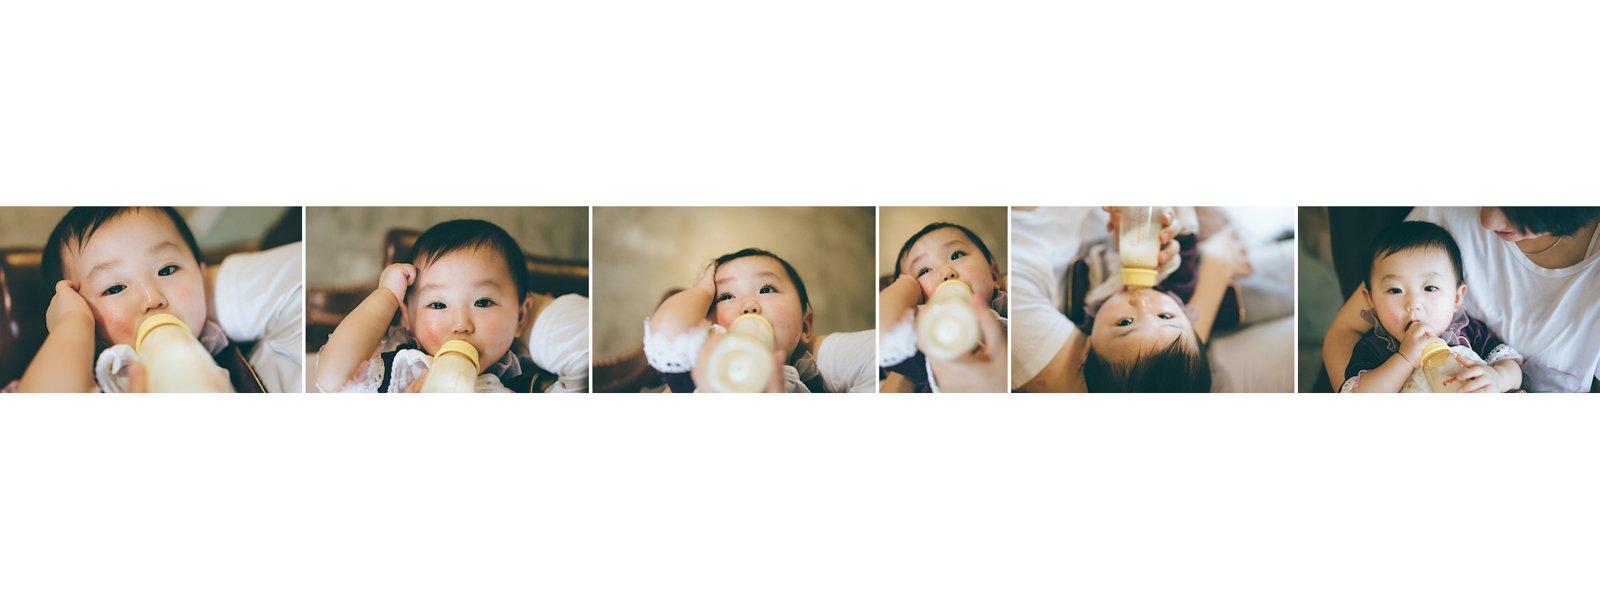 嬰兒食奶也是不錯的拍攝過程